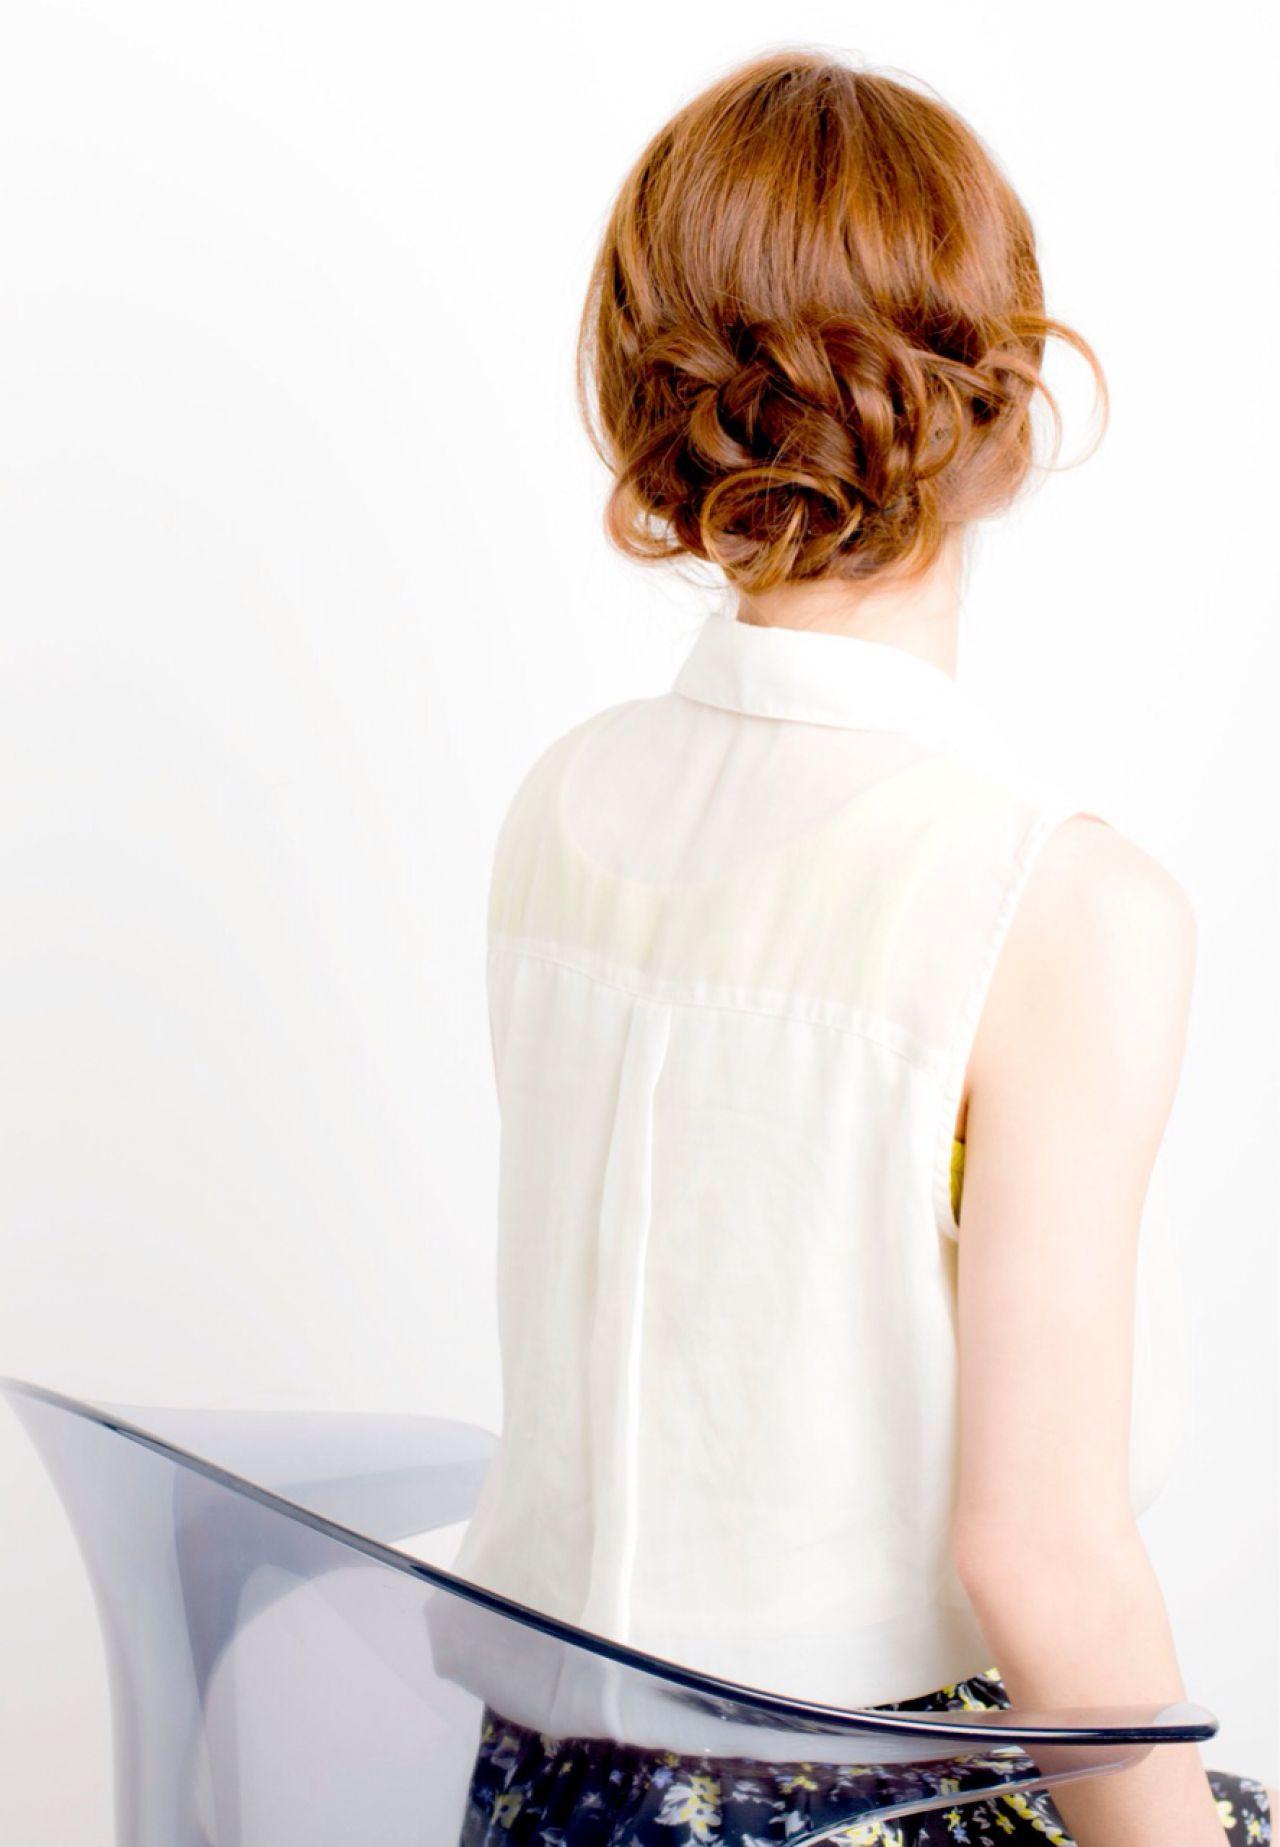 アップスタイル コンサバ 簡単 パーティ ヘアスタイルや髪型の写真・画像